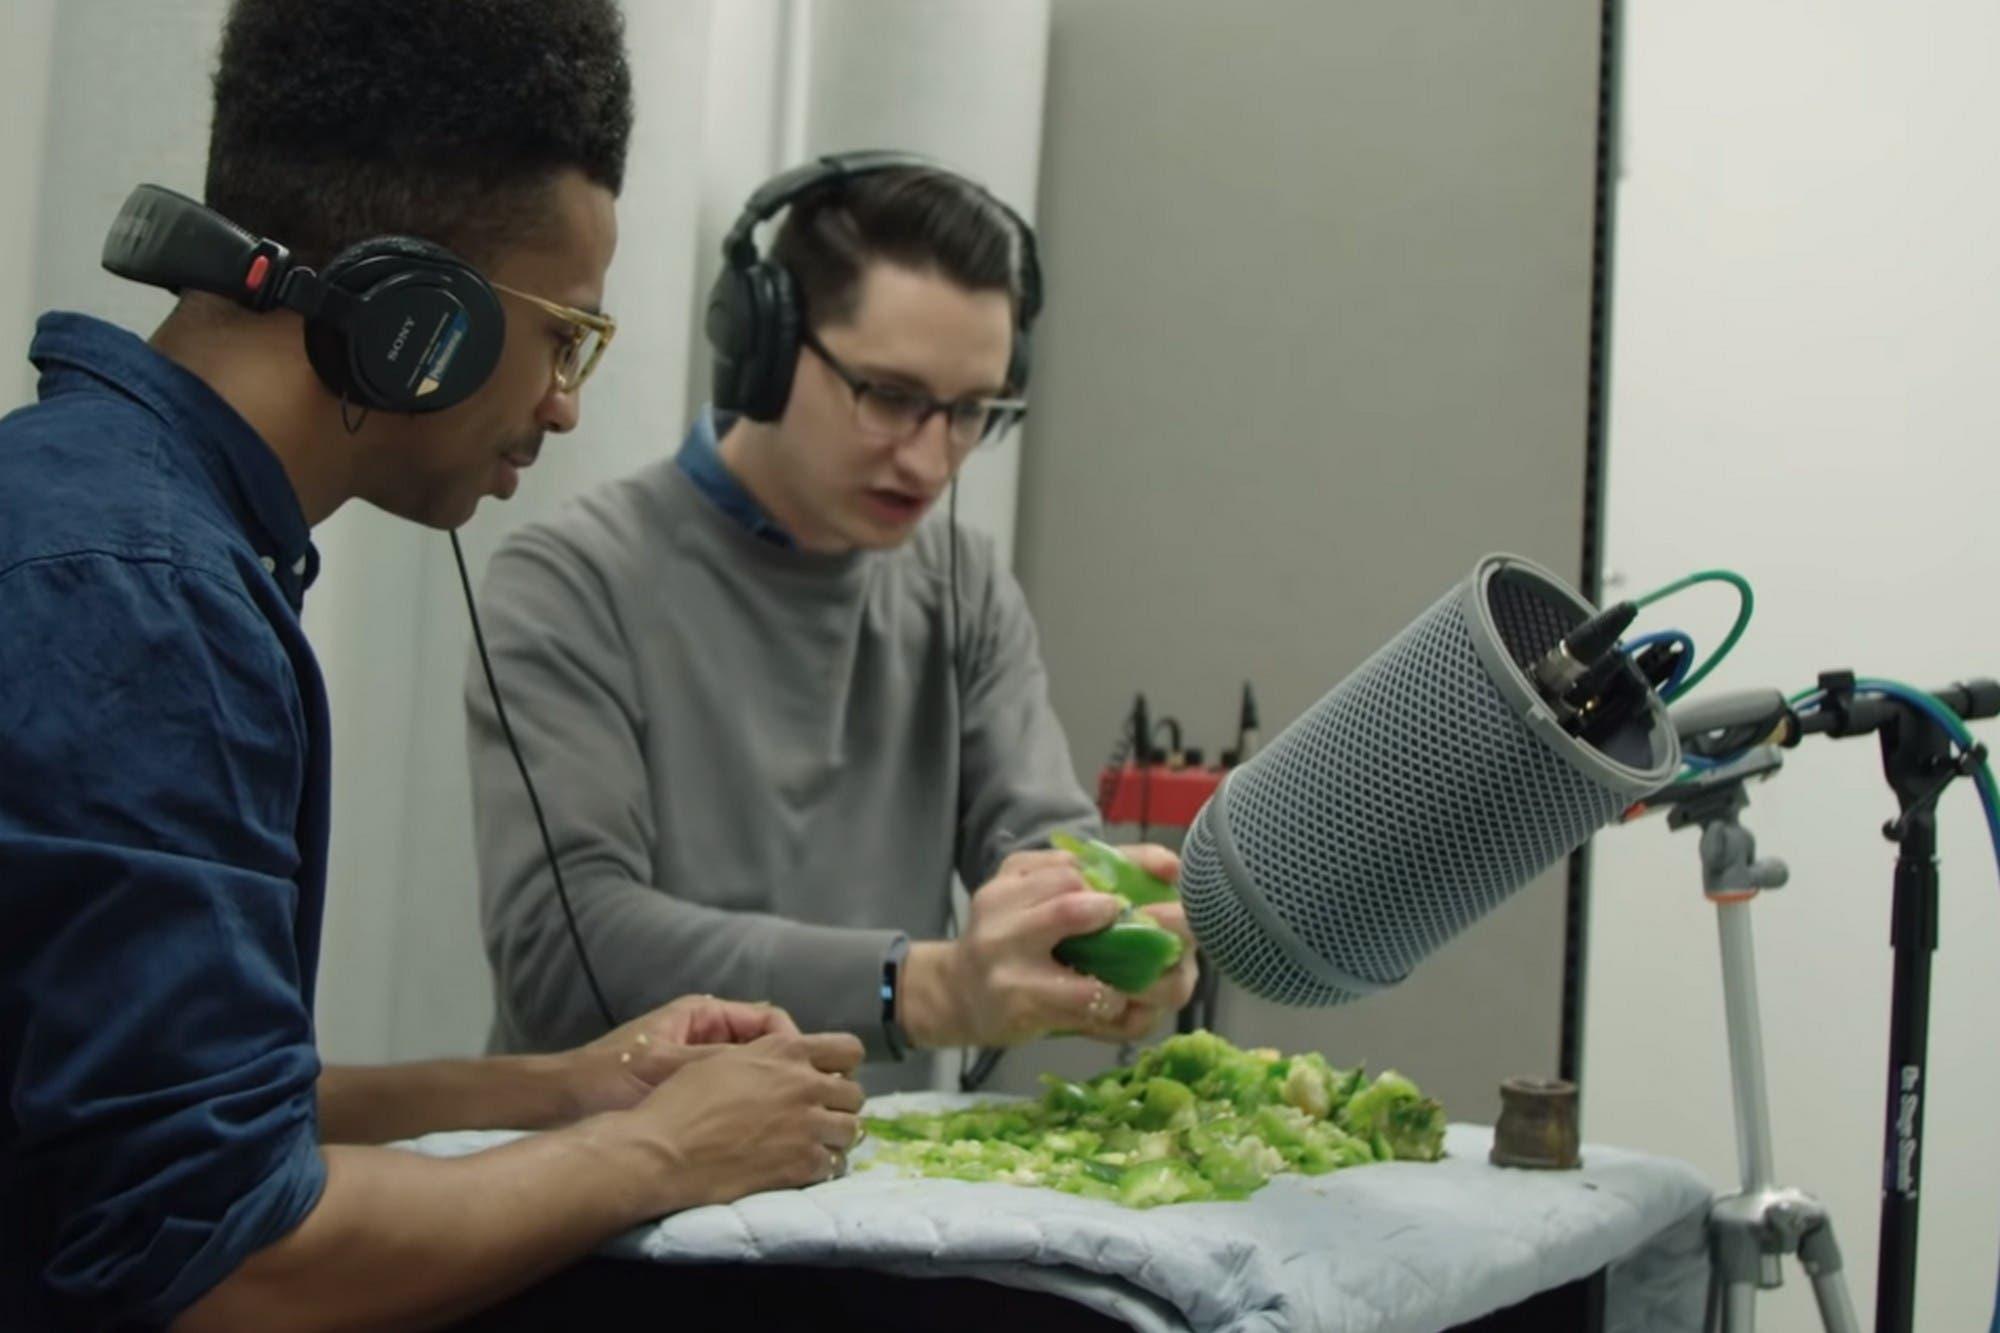 Con frutas y vegetales: así se crean los escalofriantes sonidos de las fatalities del Mortal Kombat